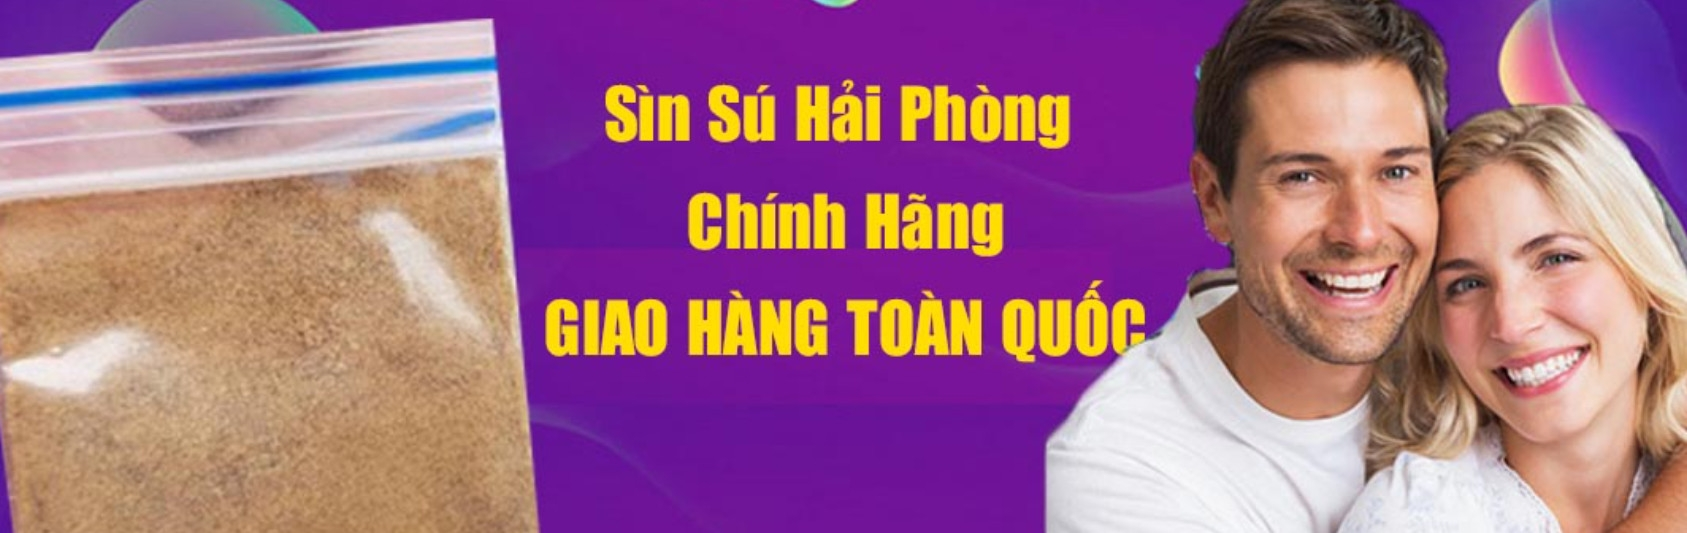 sinsuhaiphong (@sinsuhaiphong) Cover Image